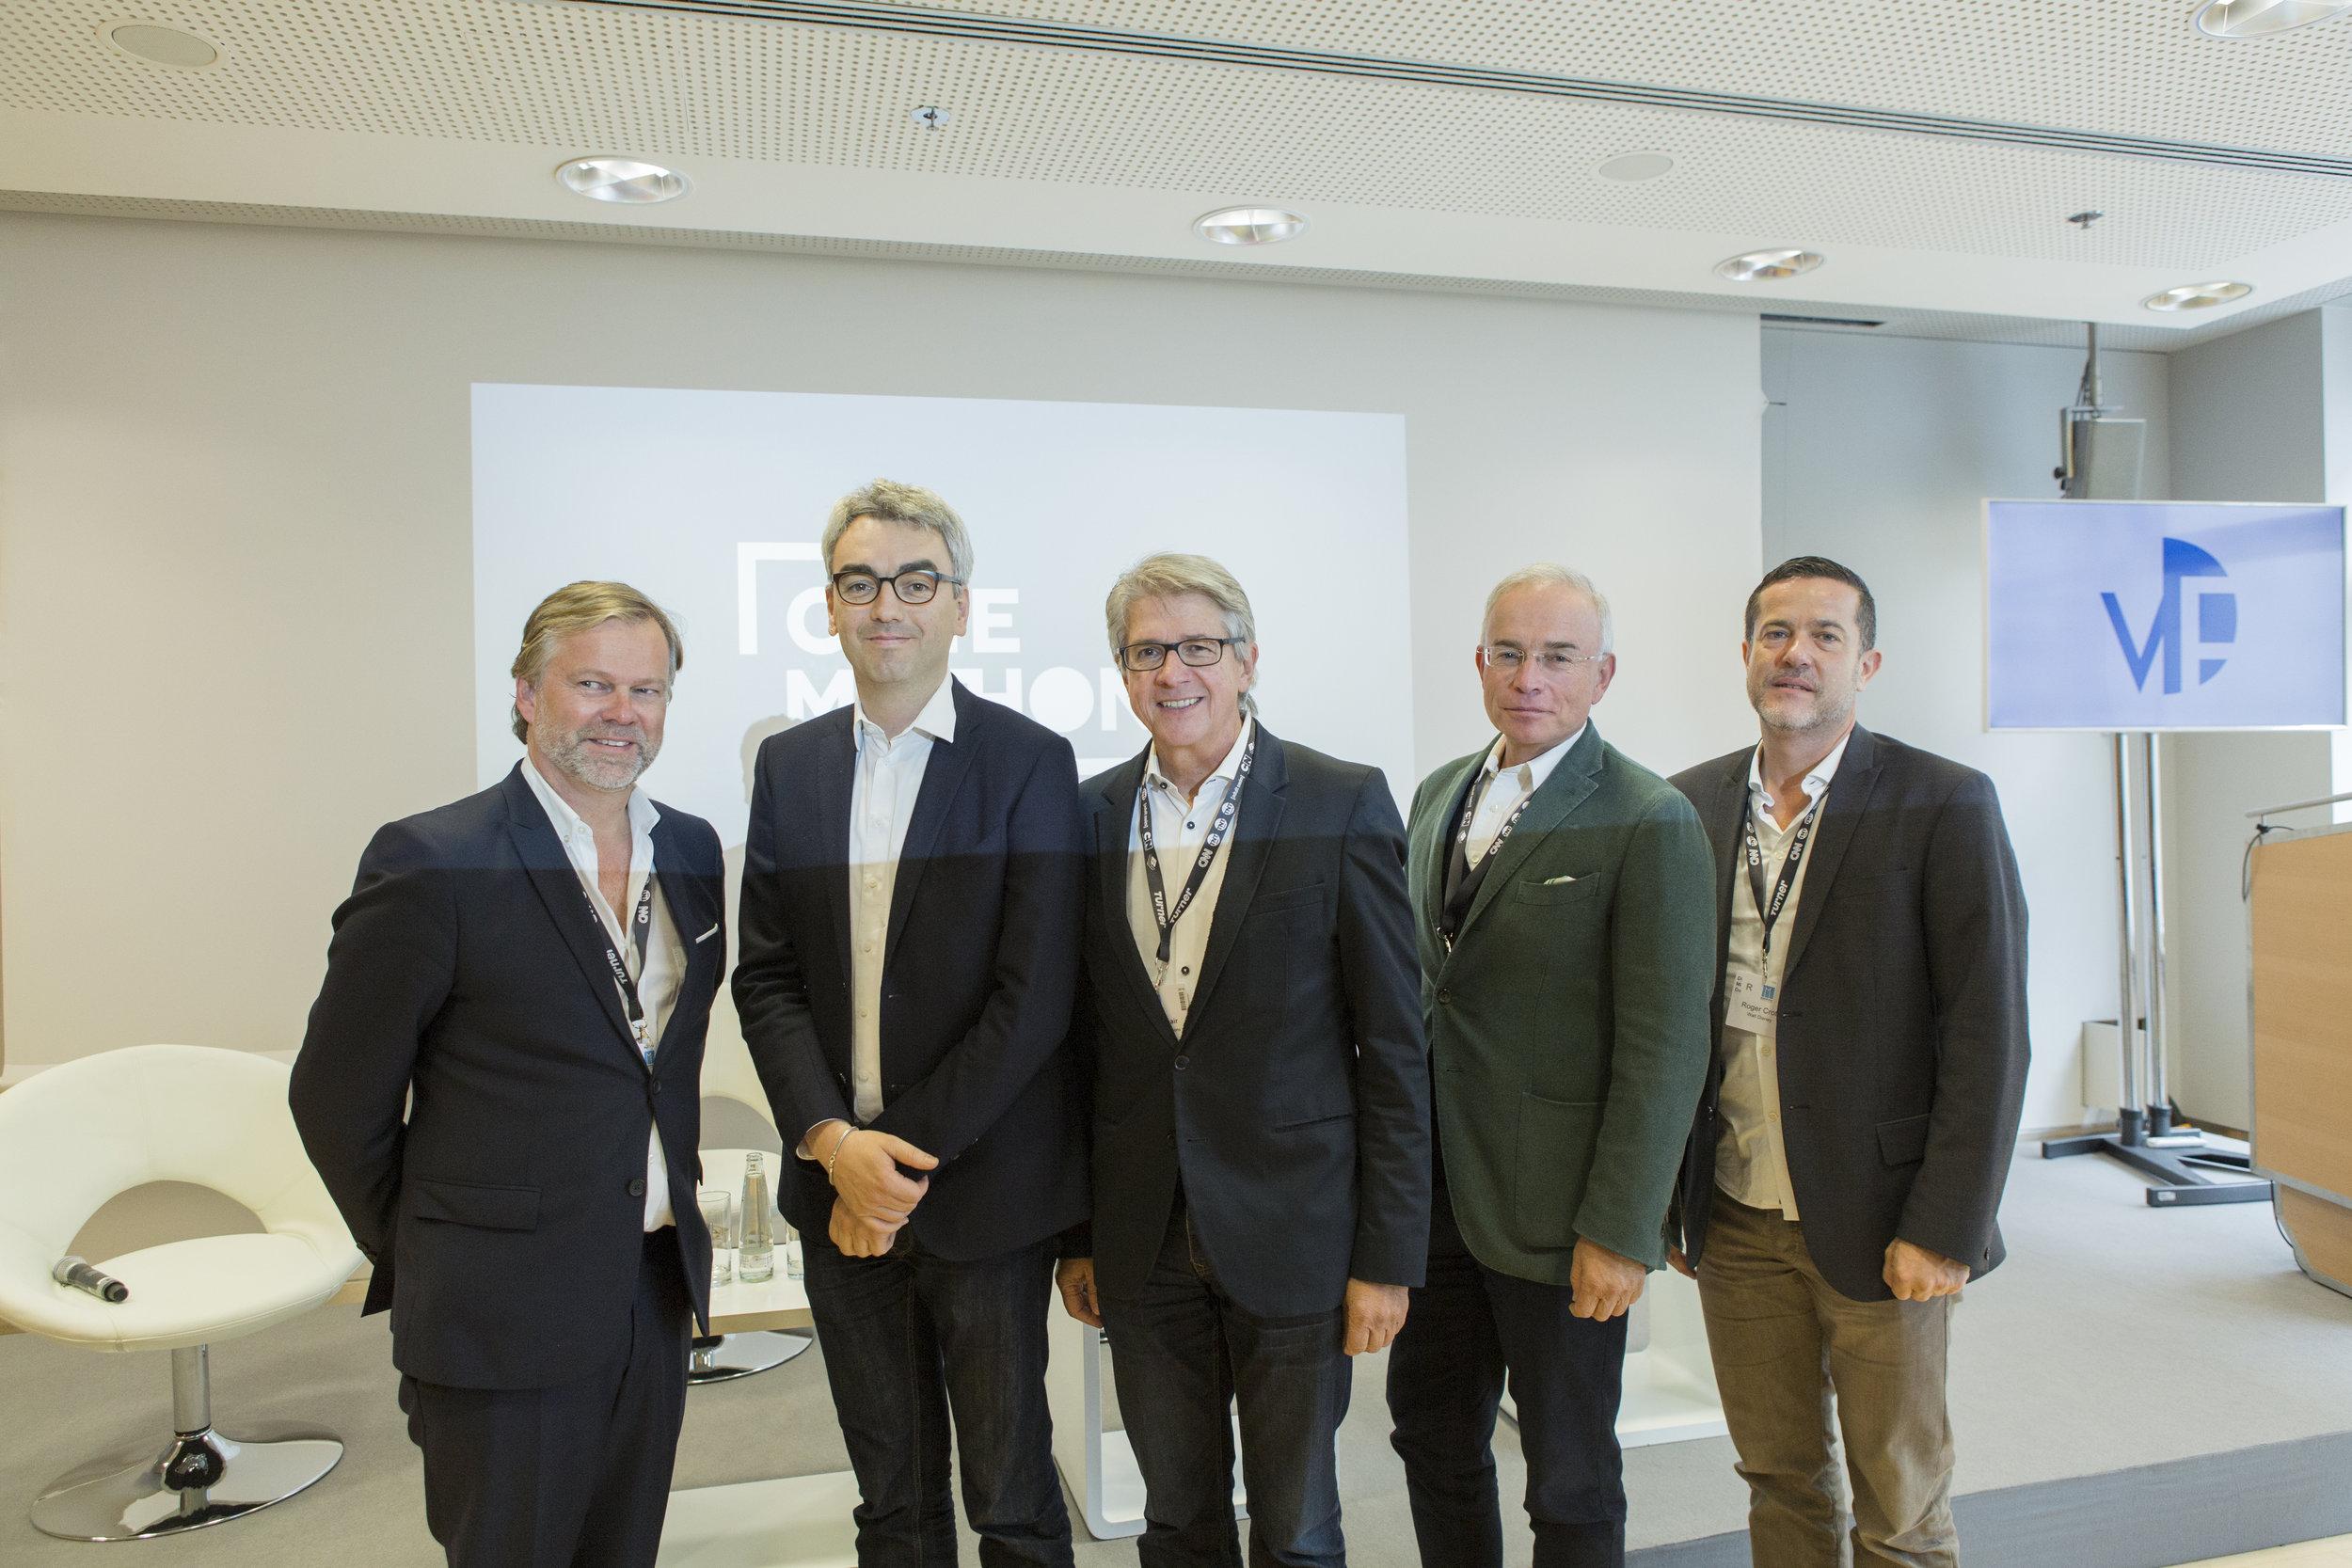 v.l.n.r. Oliver Koppert (Geschäftsführer Constantin Film), Erwin Schmidt (Projektleiter Cinemathon), Arno Ortmair (Vorstandsvorsitzender VDFP), Thomas Negele (Vorstandsvorsitzender HDF Kino), Roger Crotti (VP The Walt Disney Company)